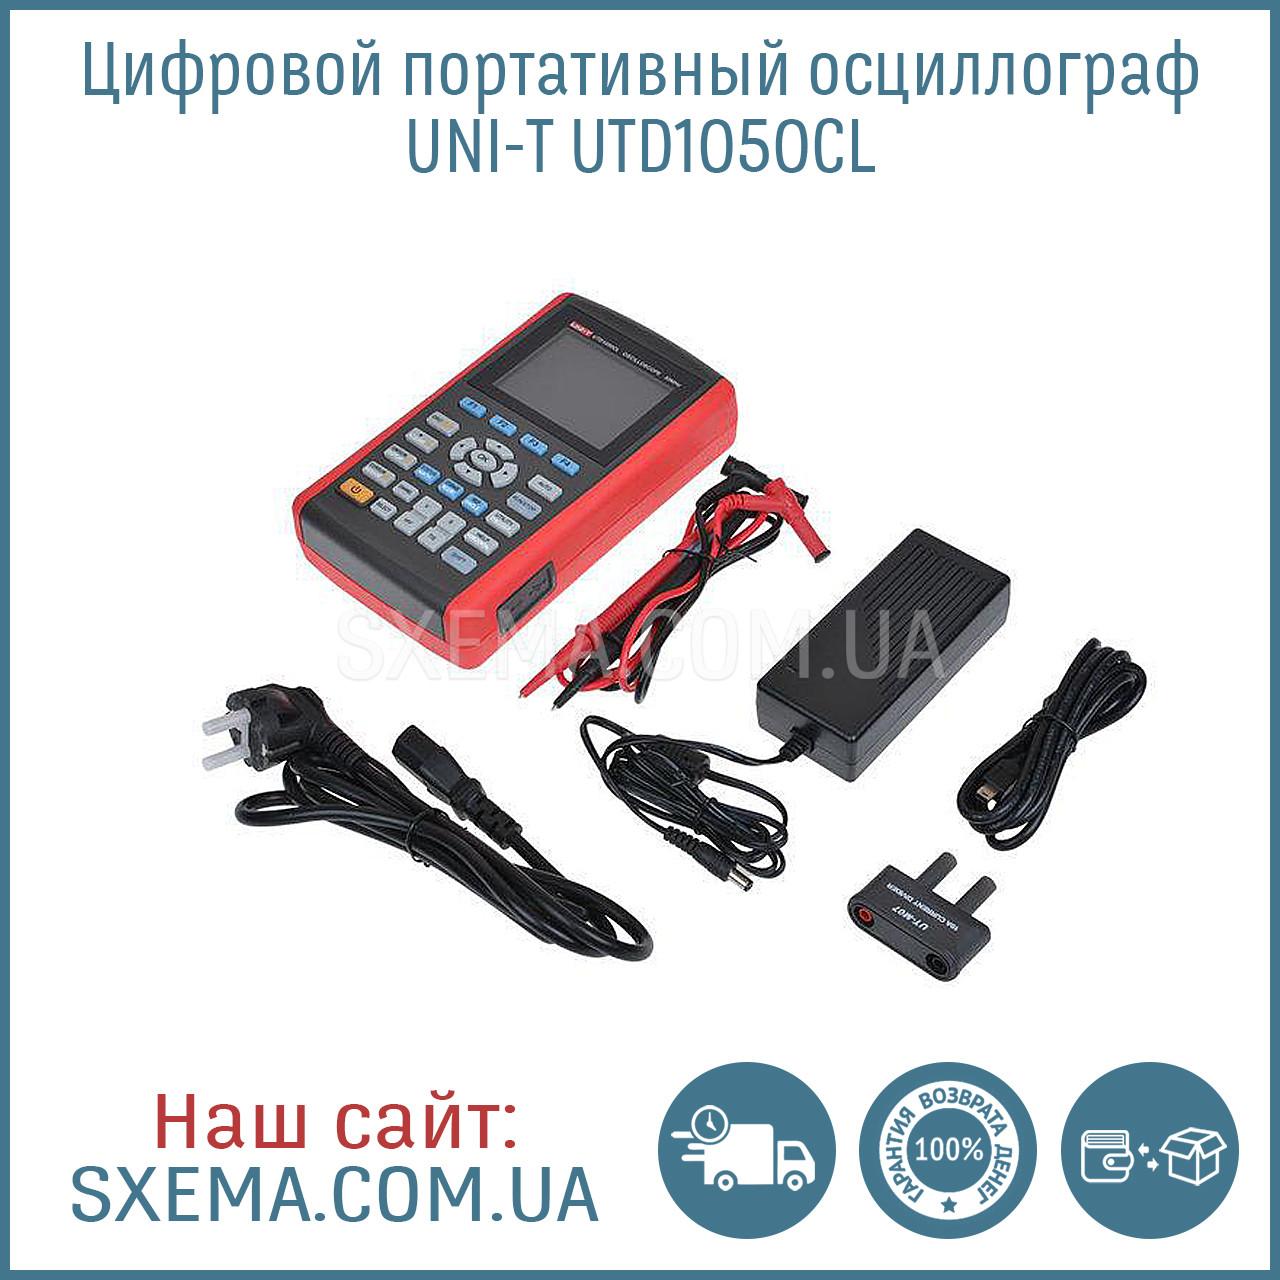 Цифровой портативный осциллограф UNI-T UTD1050CL полоса пропускания 25Мгц, Экран 3.5 дюймов